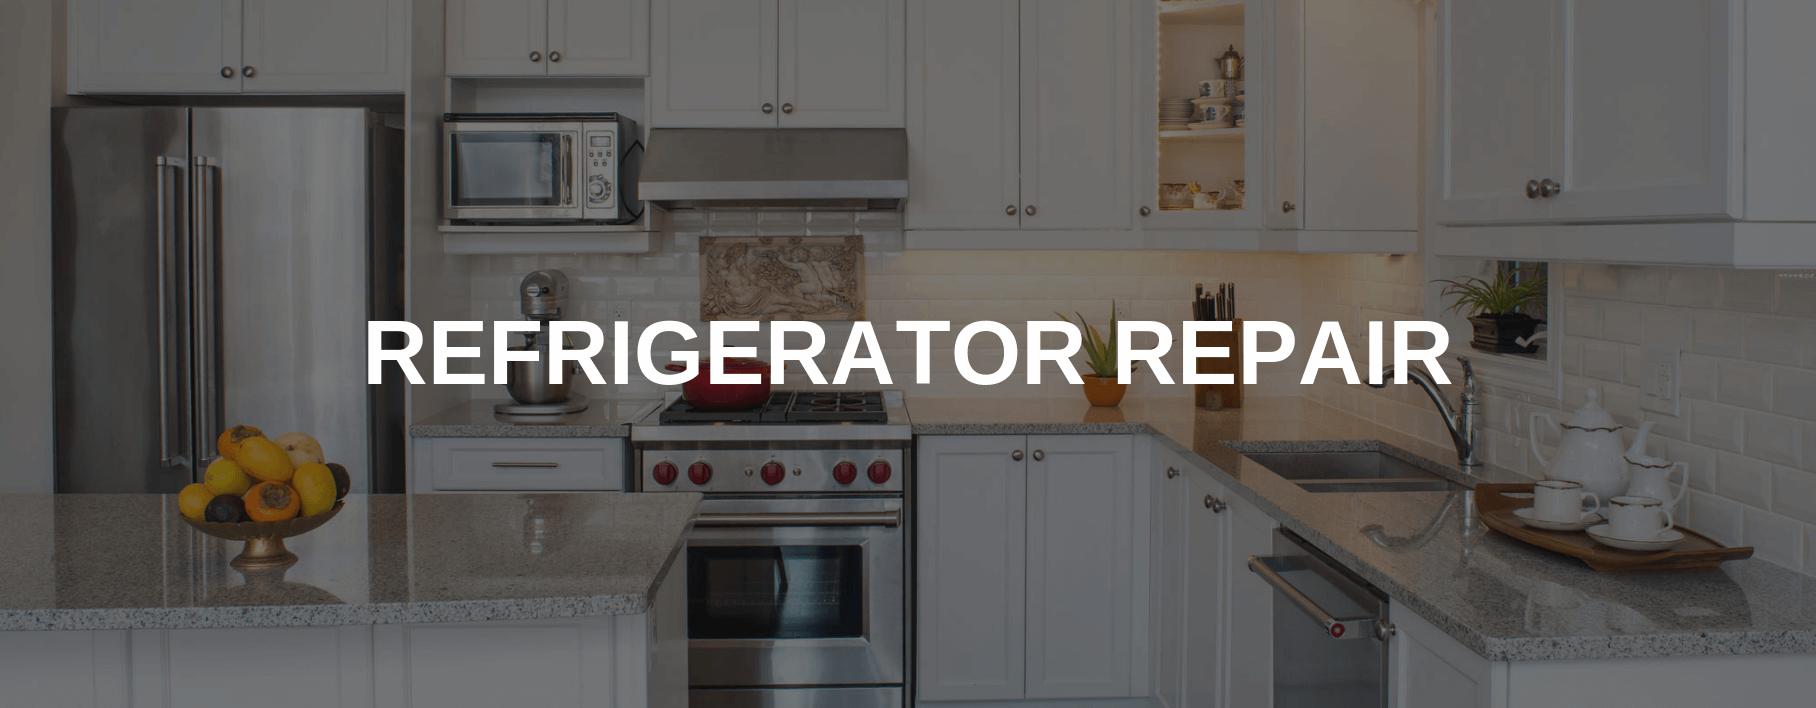 refrigerator repair jackson